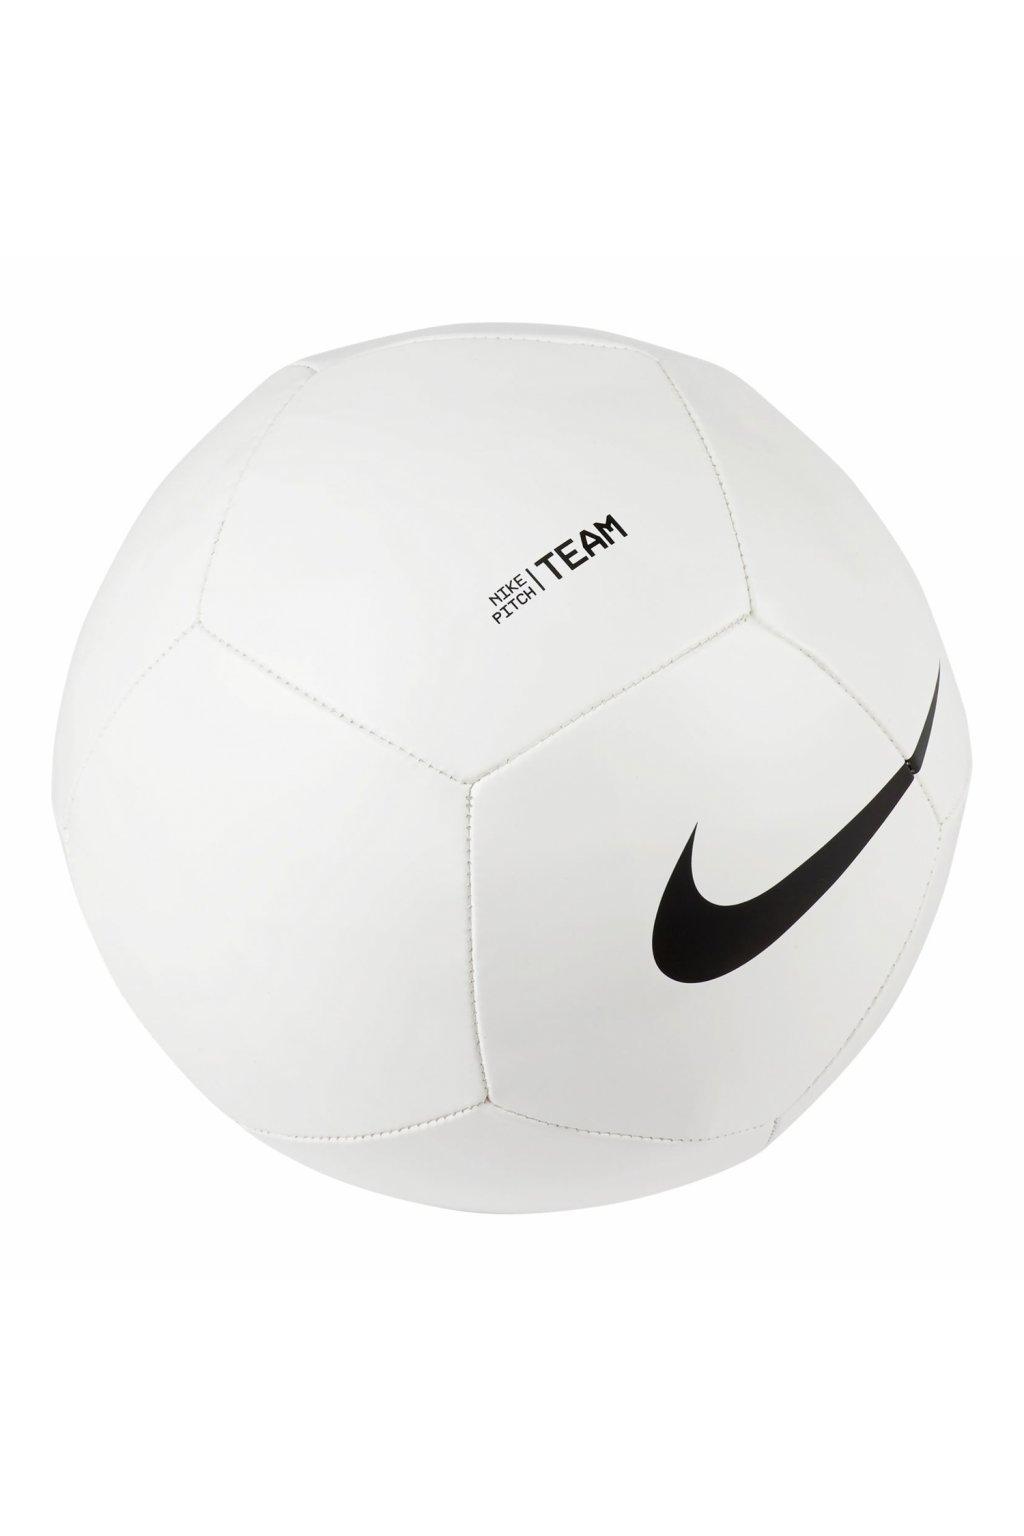 Futbalová lopta Nike Pitch Team biela DH9796-100